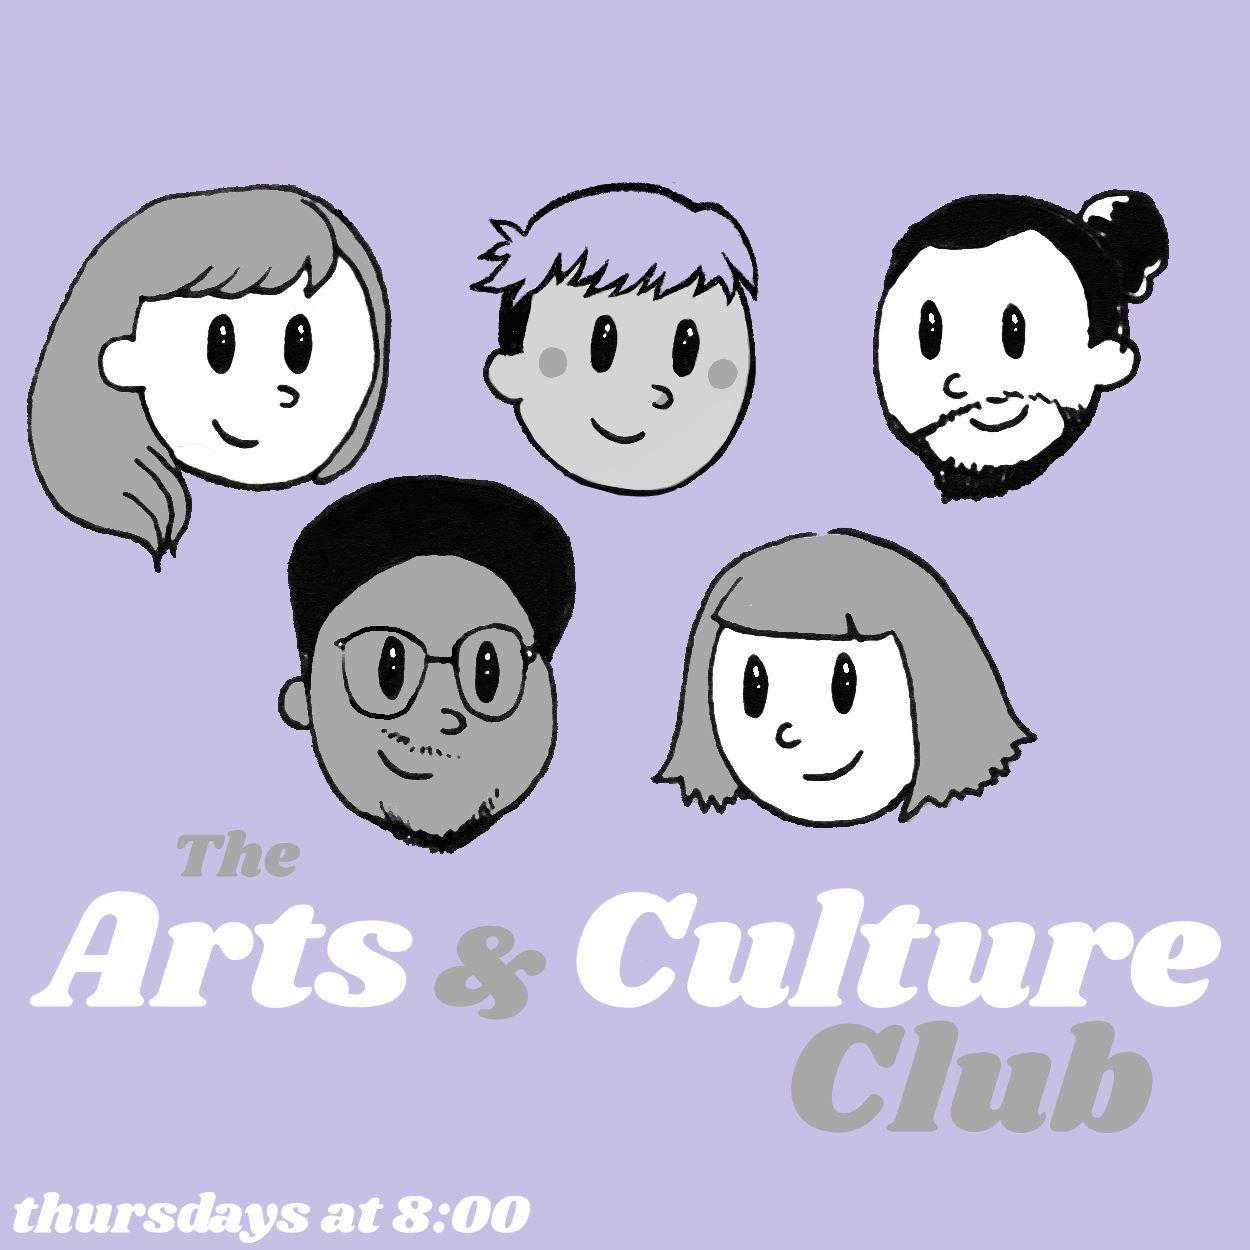 Arts & Culture Club